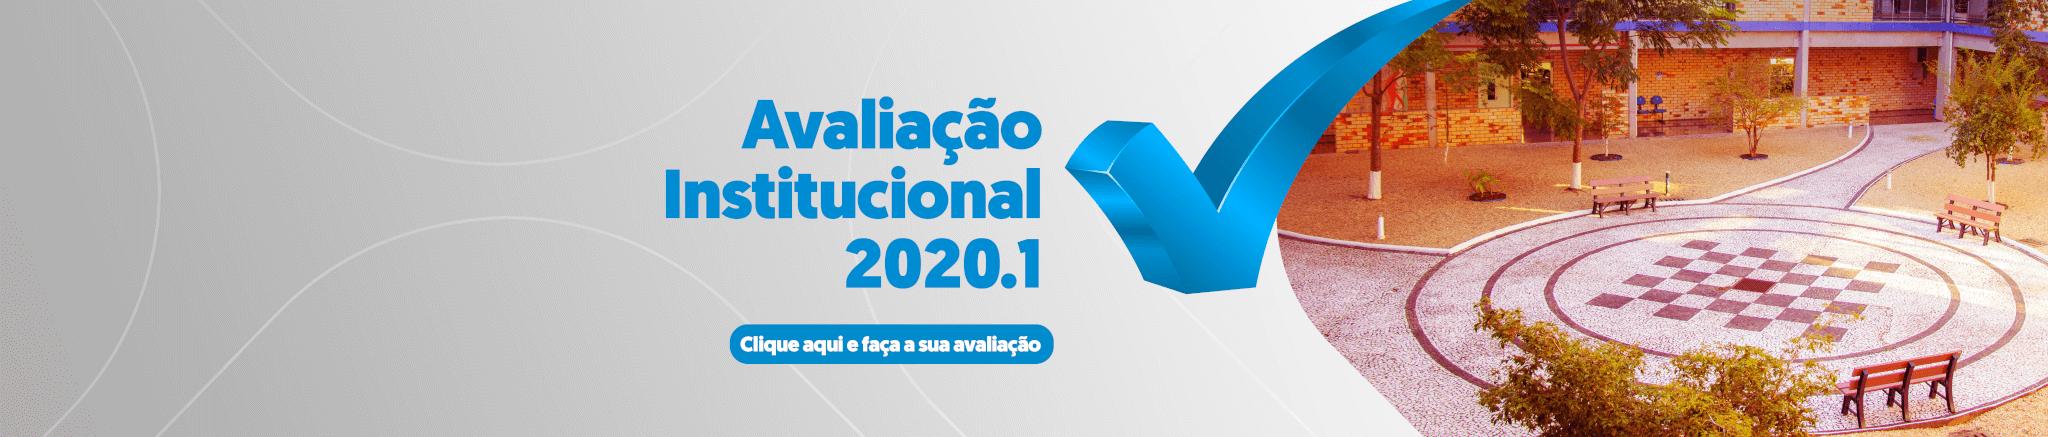 Avaliação Institucional Banner desktop